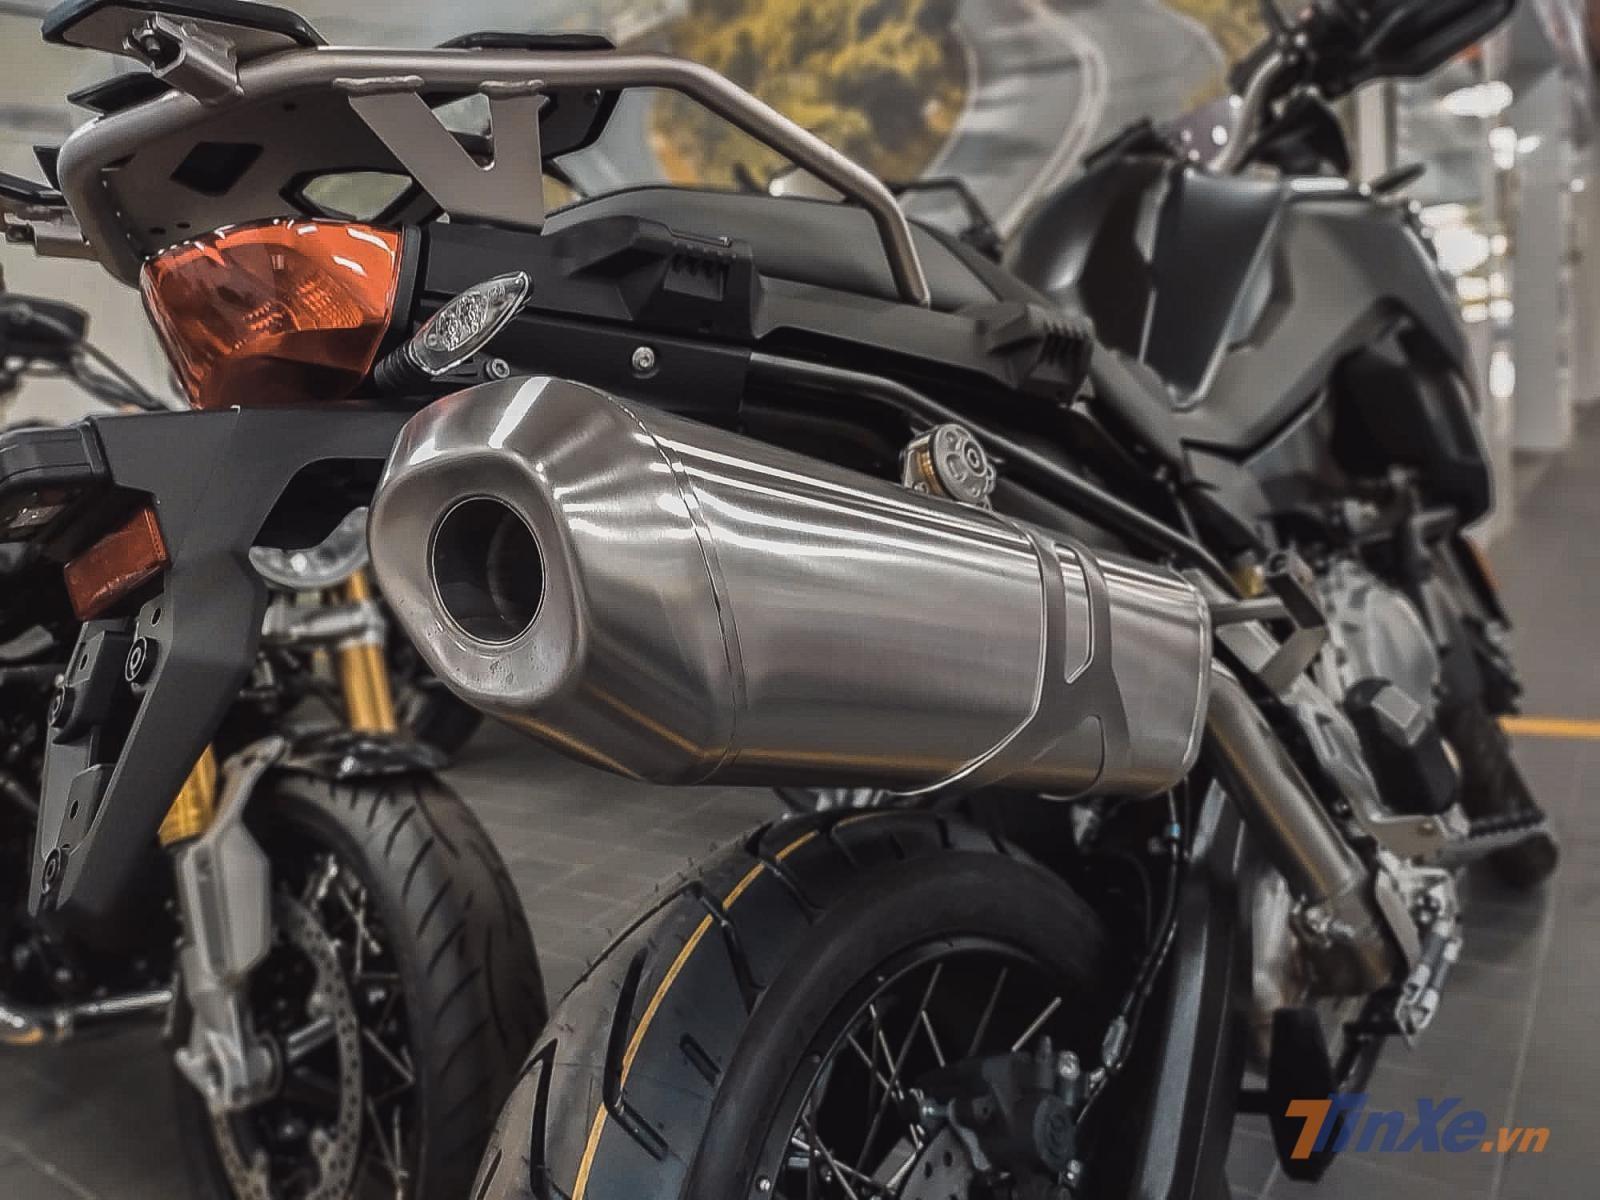 Hệ thống đèn của F850GS 2019 được nâng cấp hoàn toàn với công nghệ đèn LED tăng độ sáng cùng thẩm mỹ của xe. Khác với lốp nguyên bản được bán ra ở thị trường Châu Á, phiên bản này được trang bị lốp tròn kích thước 17 sau và 21 trước chứ không phải lốp gai Metzeler.